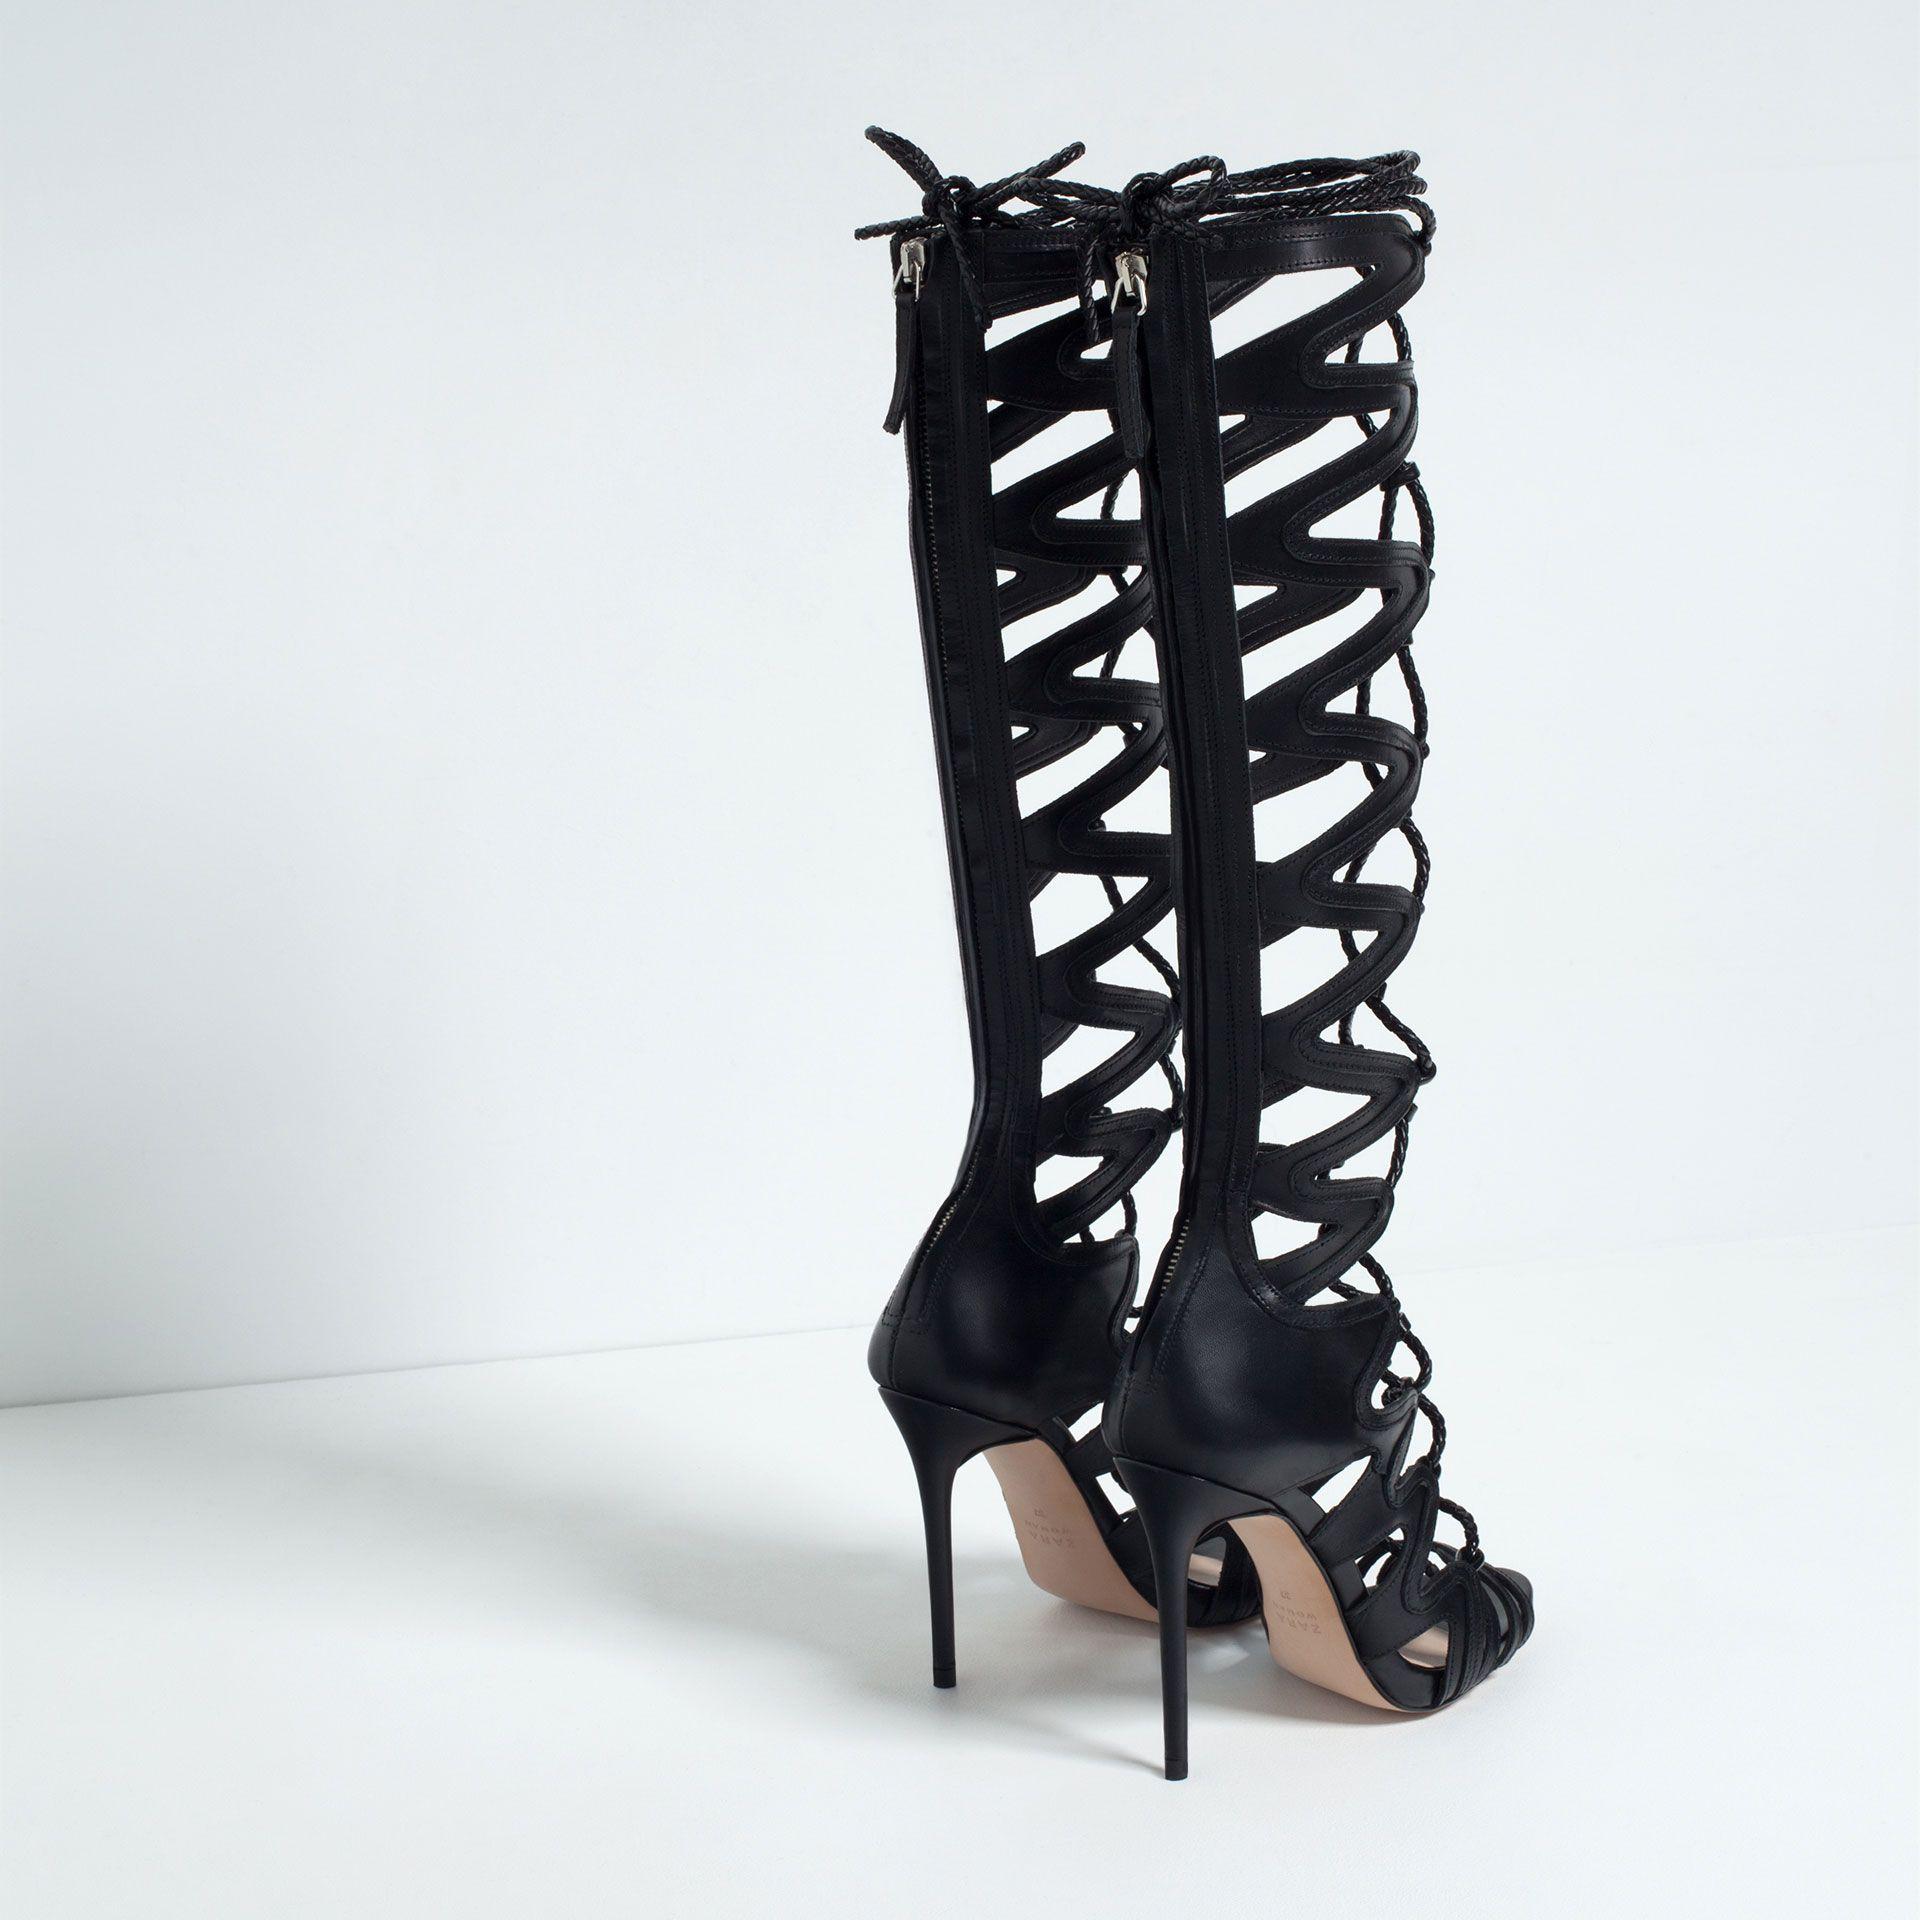 spartiates en cuir talons chaussures et sacs femme nouveaut s zara france zapatos. Black Bedroom Furniture Sets. Home Design Ideas